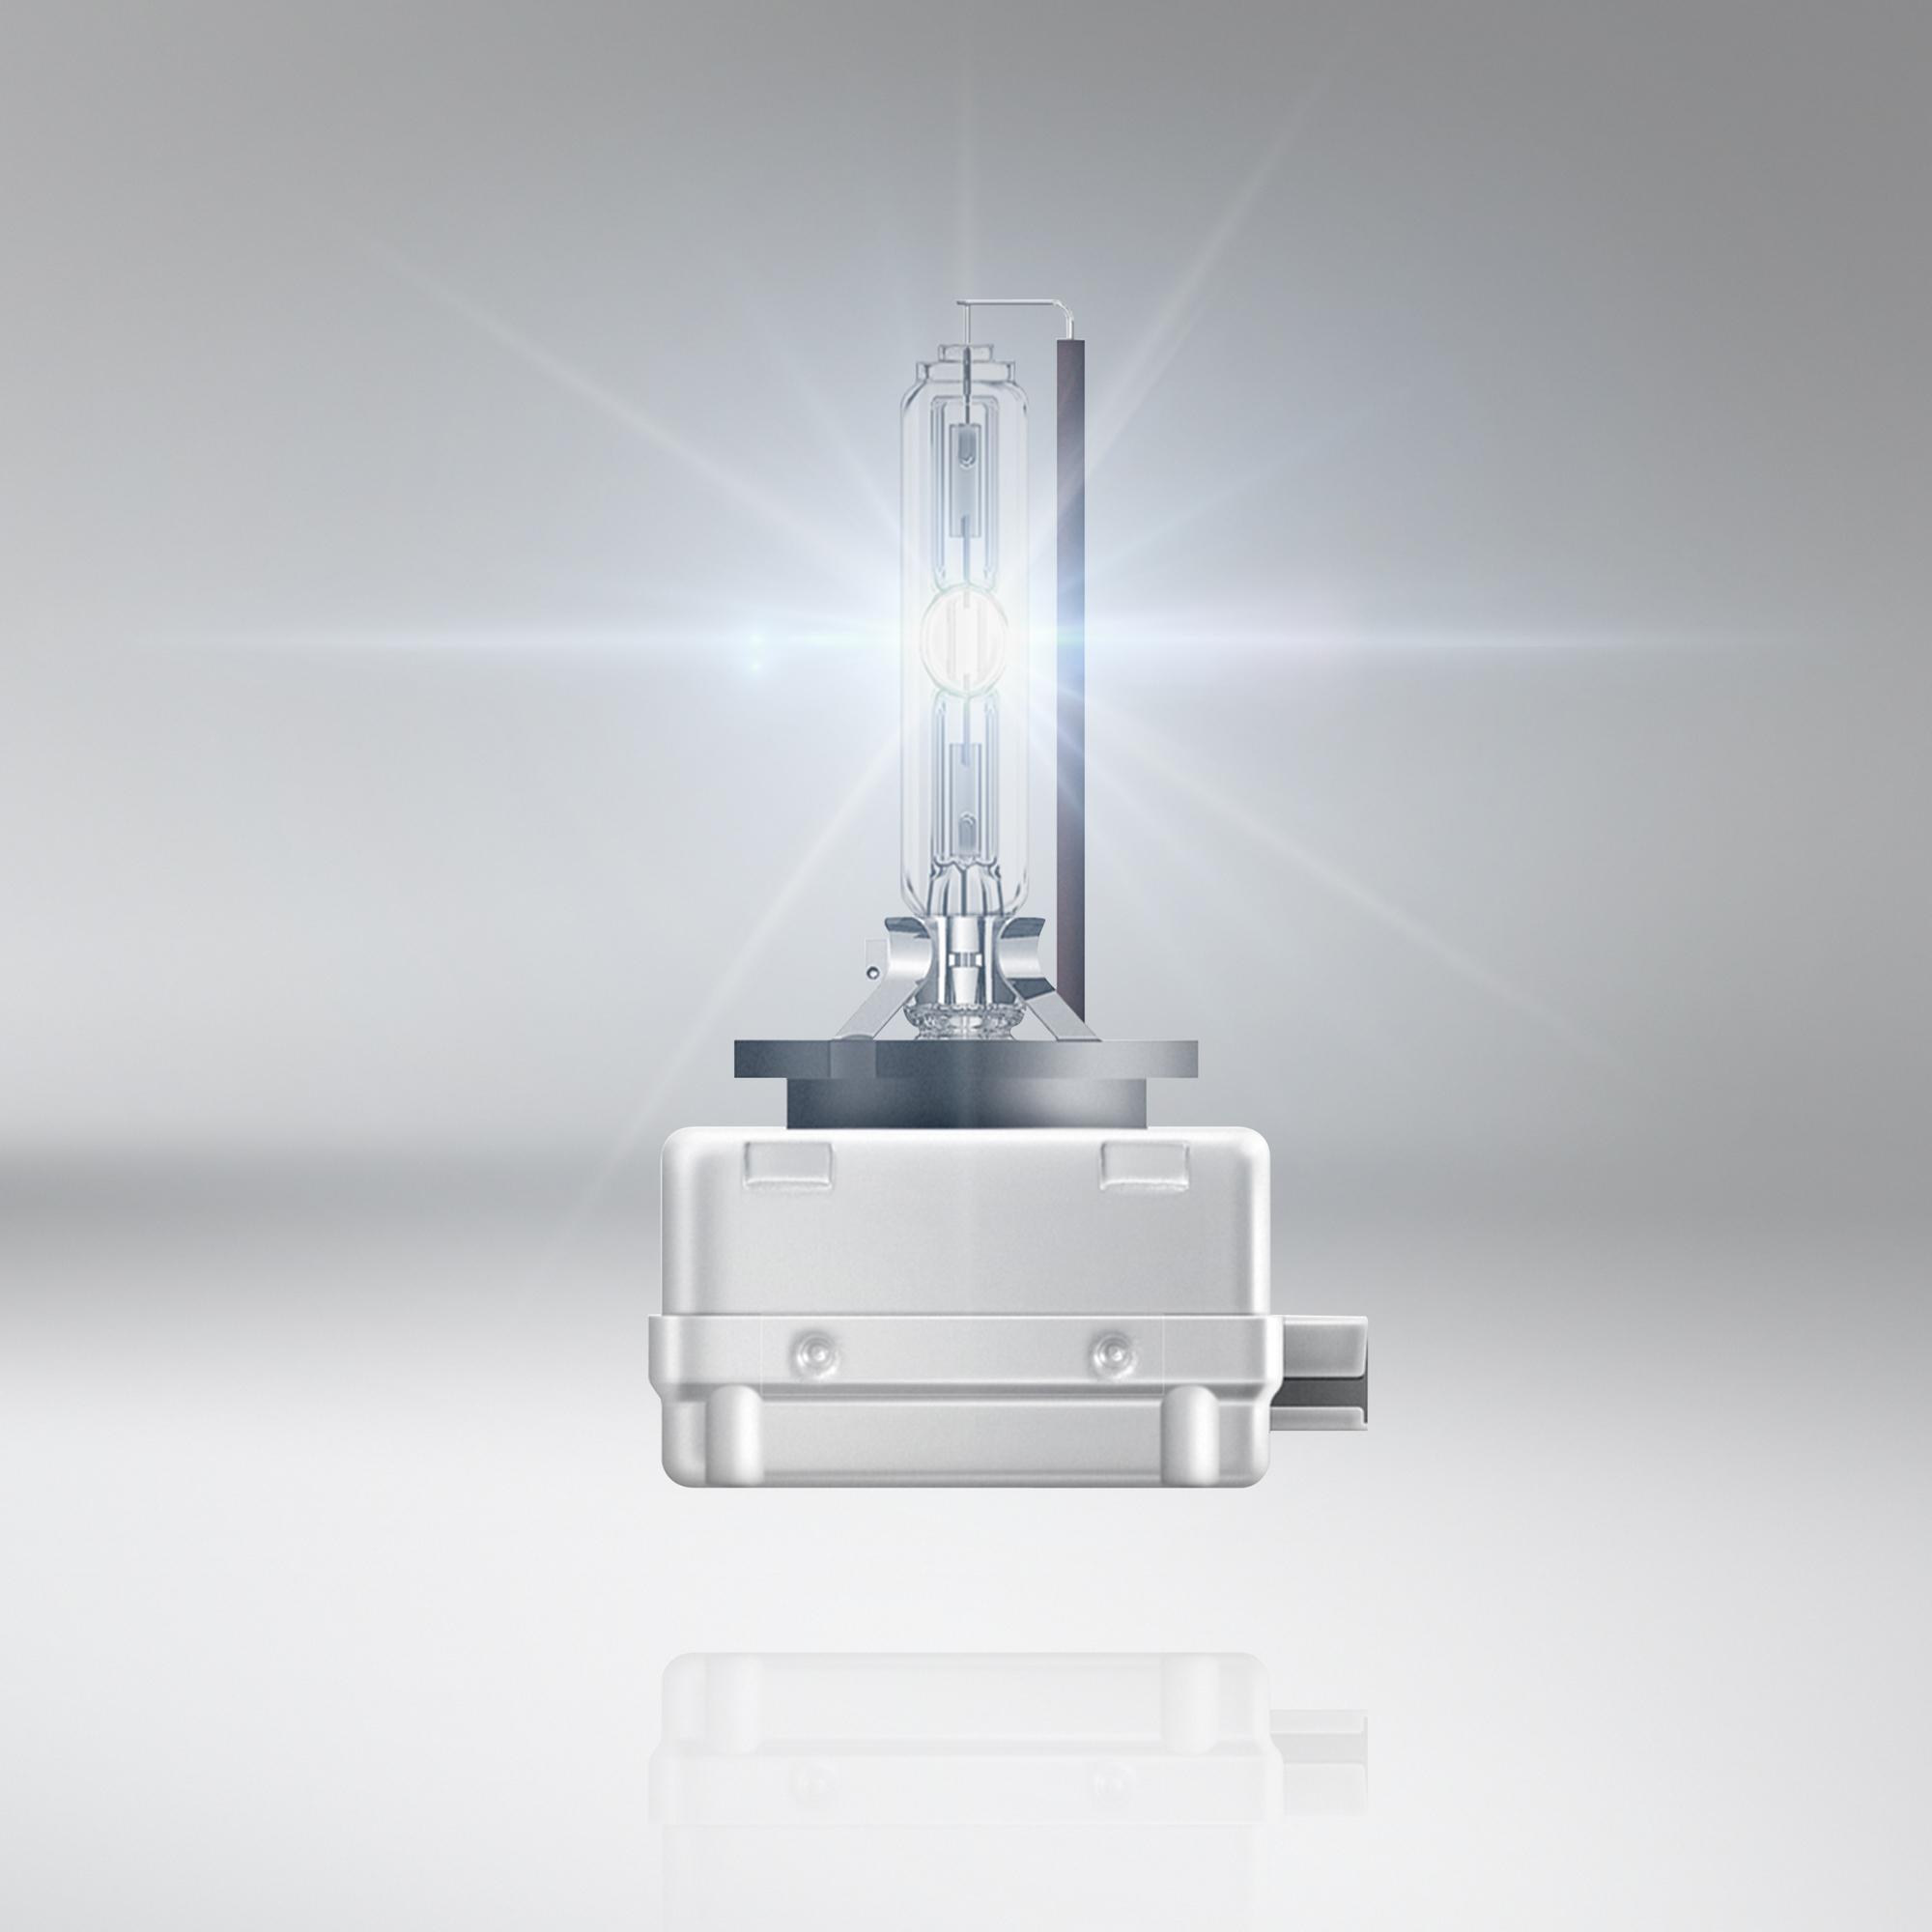 Λυχνία, μεγάλα φώτα OSRAM D1S 4008321184276